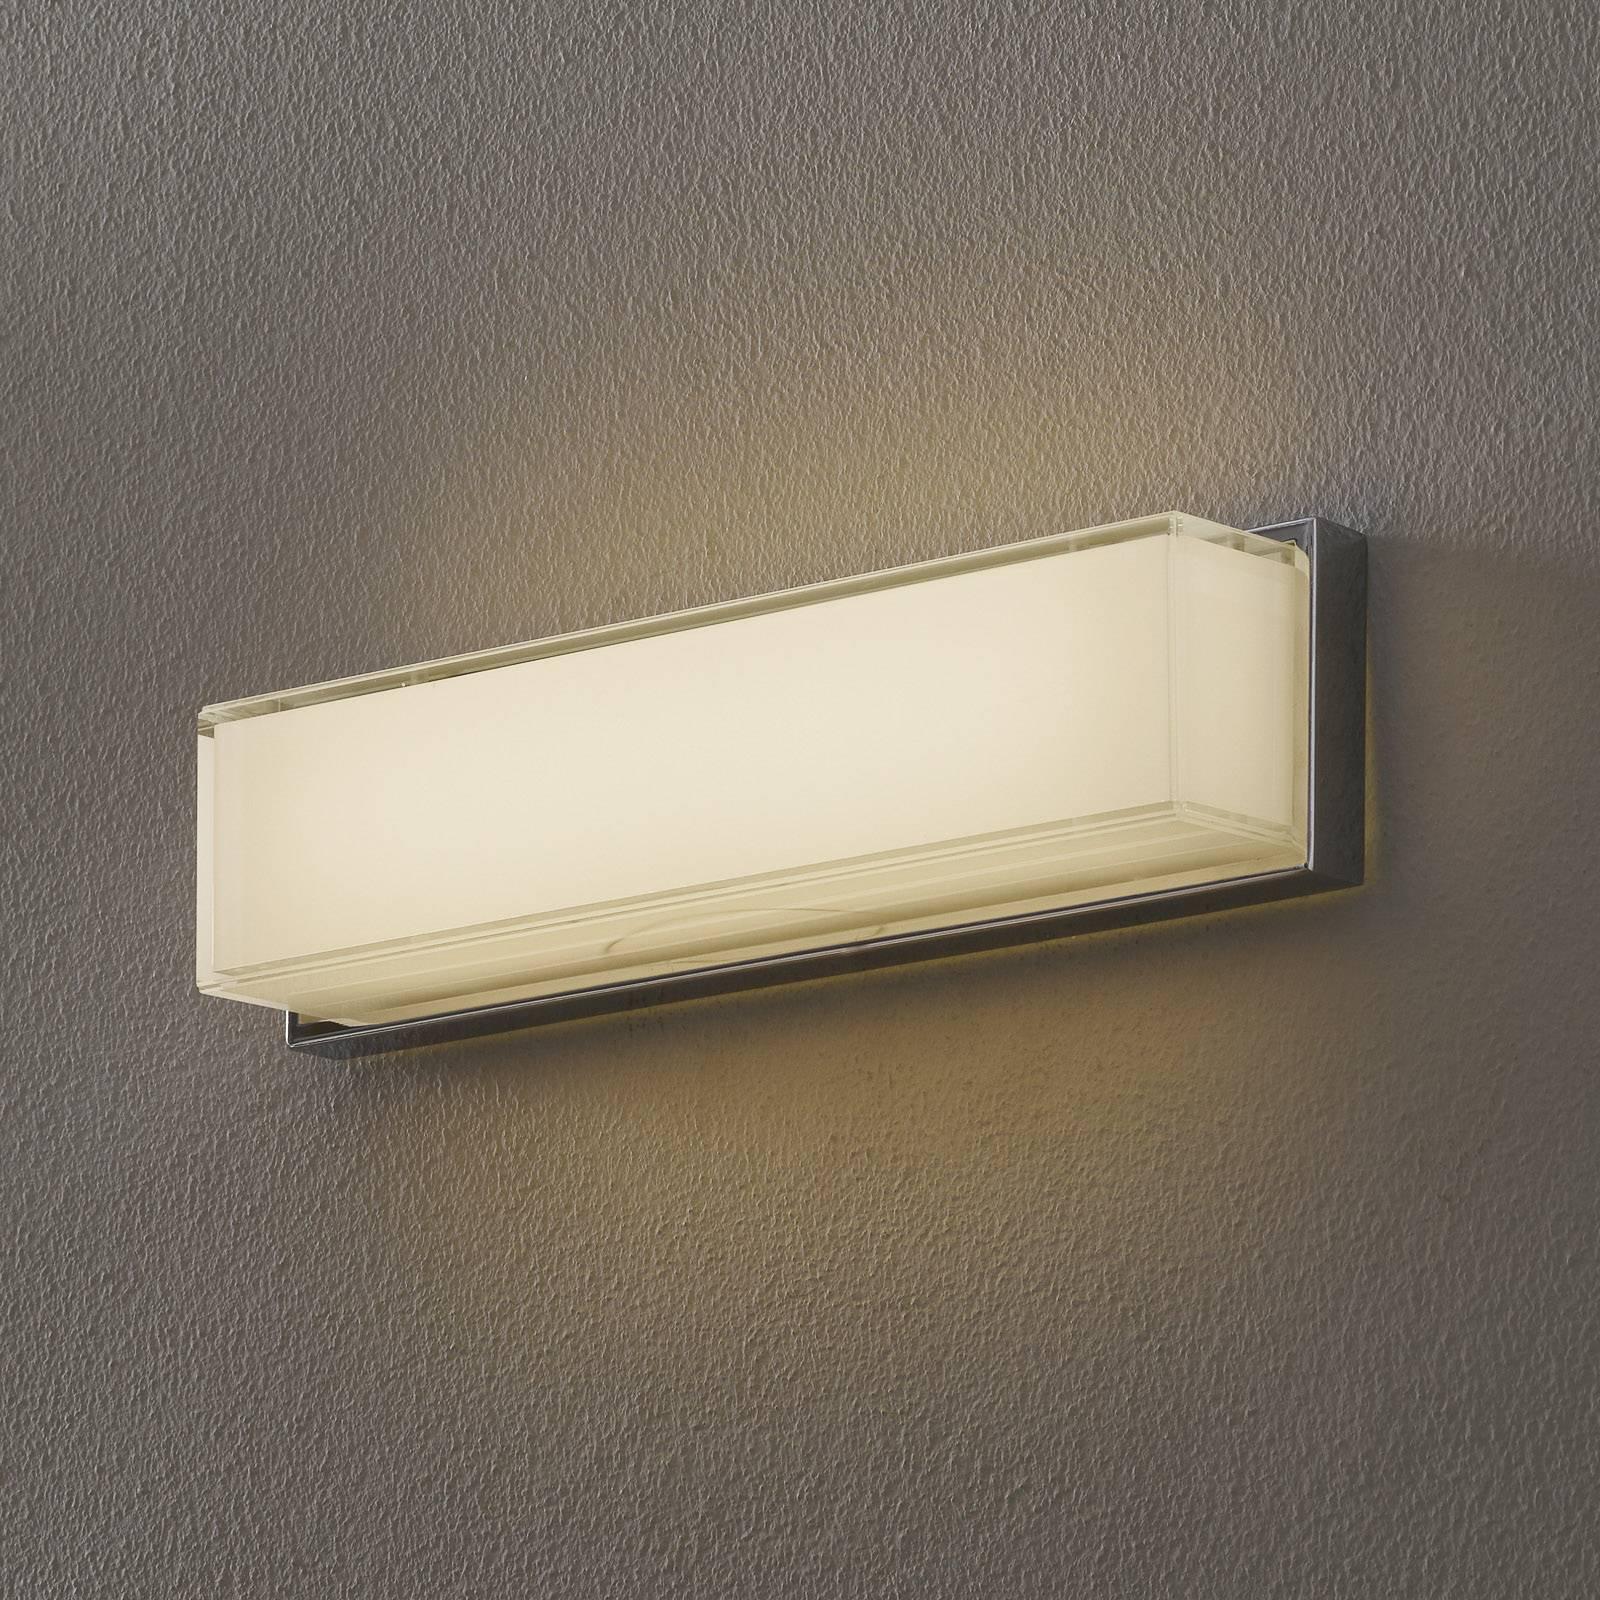 Helestra Cosi LED-vegglampe, krom, høyde 31 cm